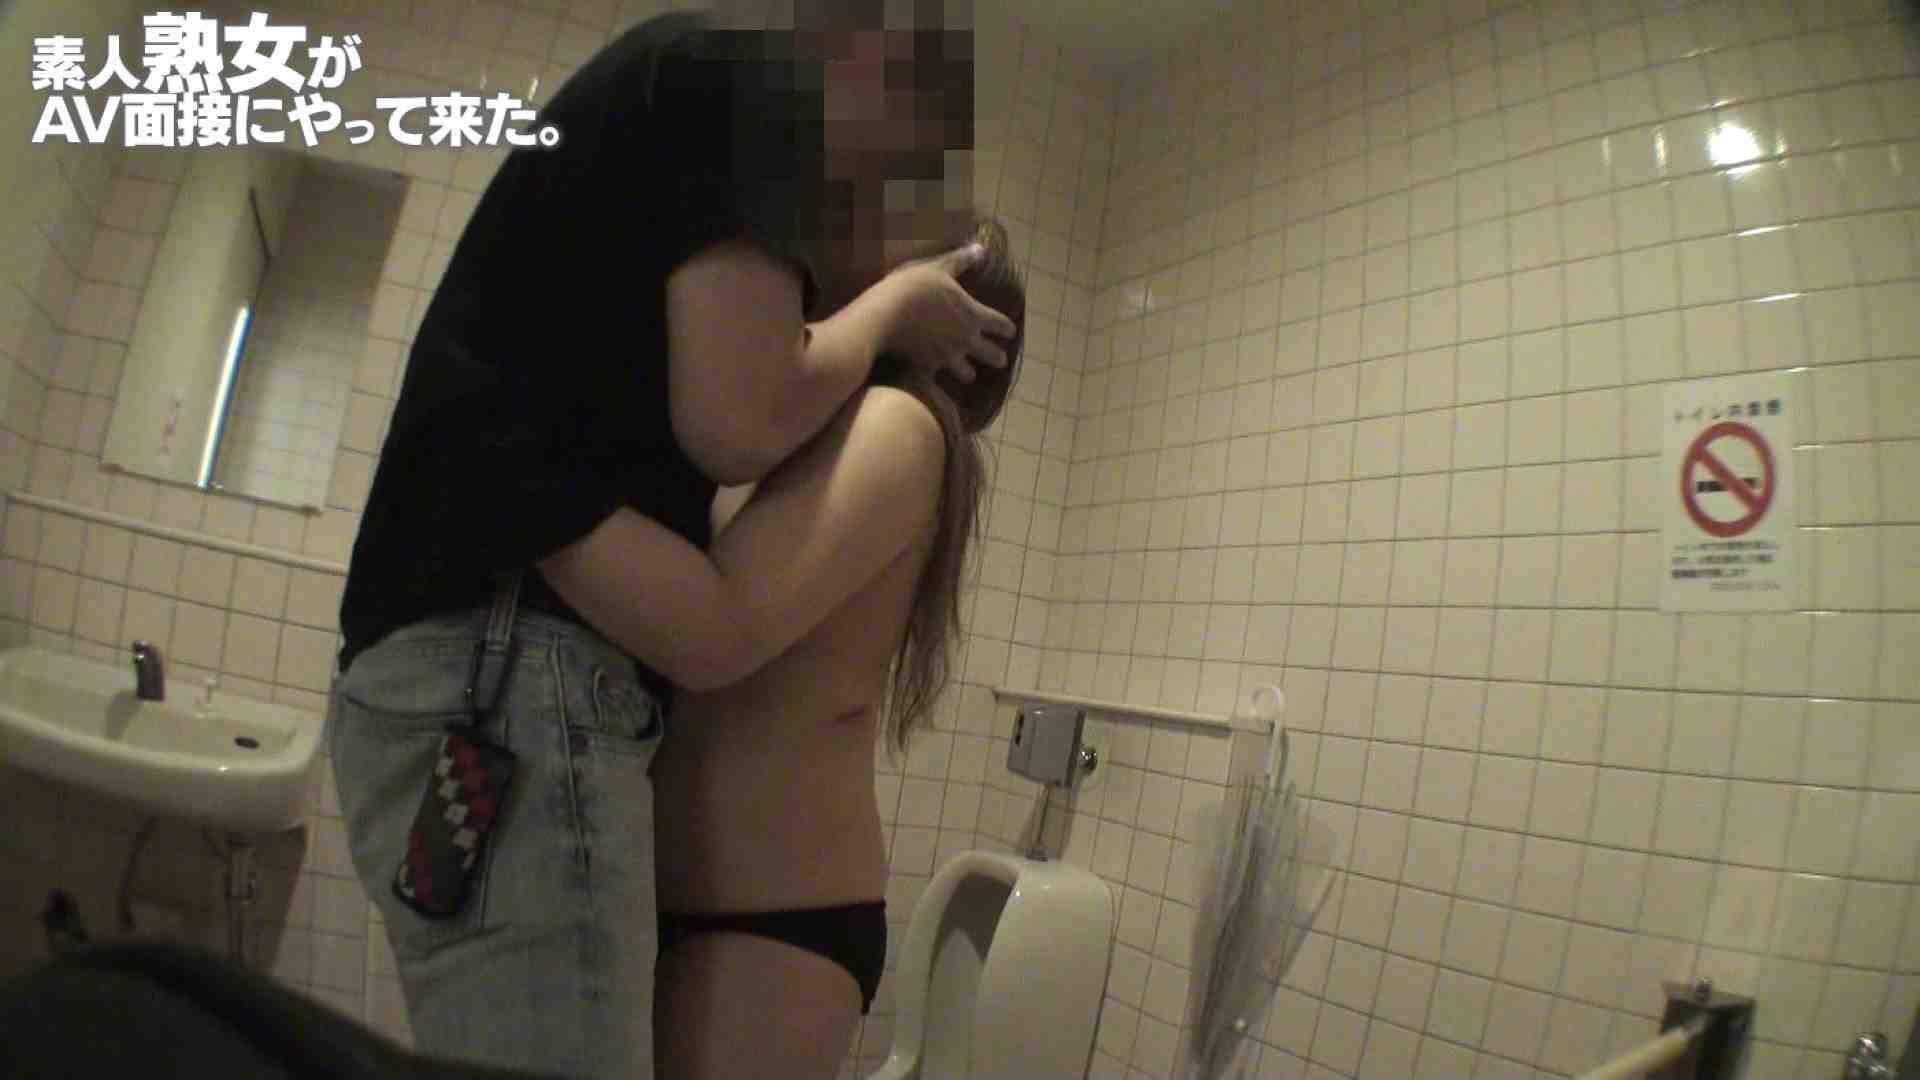 素人熟女がAV面接にやってきた (仮名)ゆかさんVOL.02 トイレ盗撮 おめこ無修正画像 73pic 35